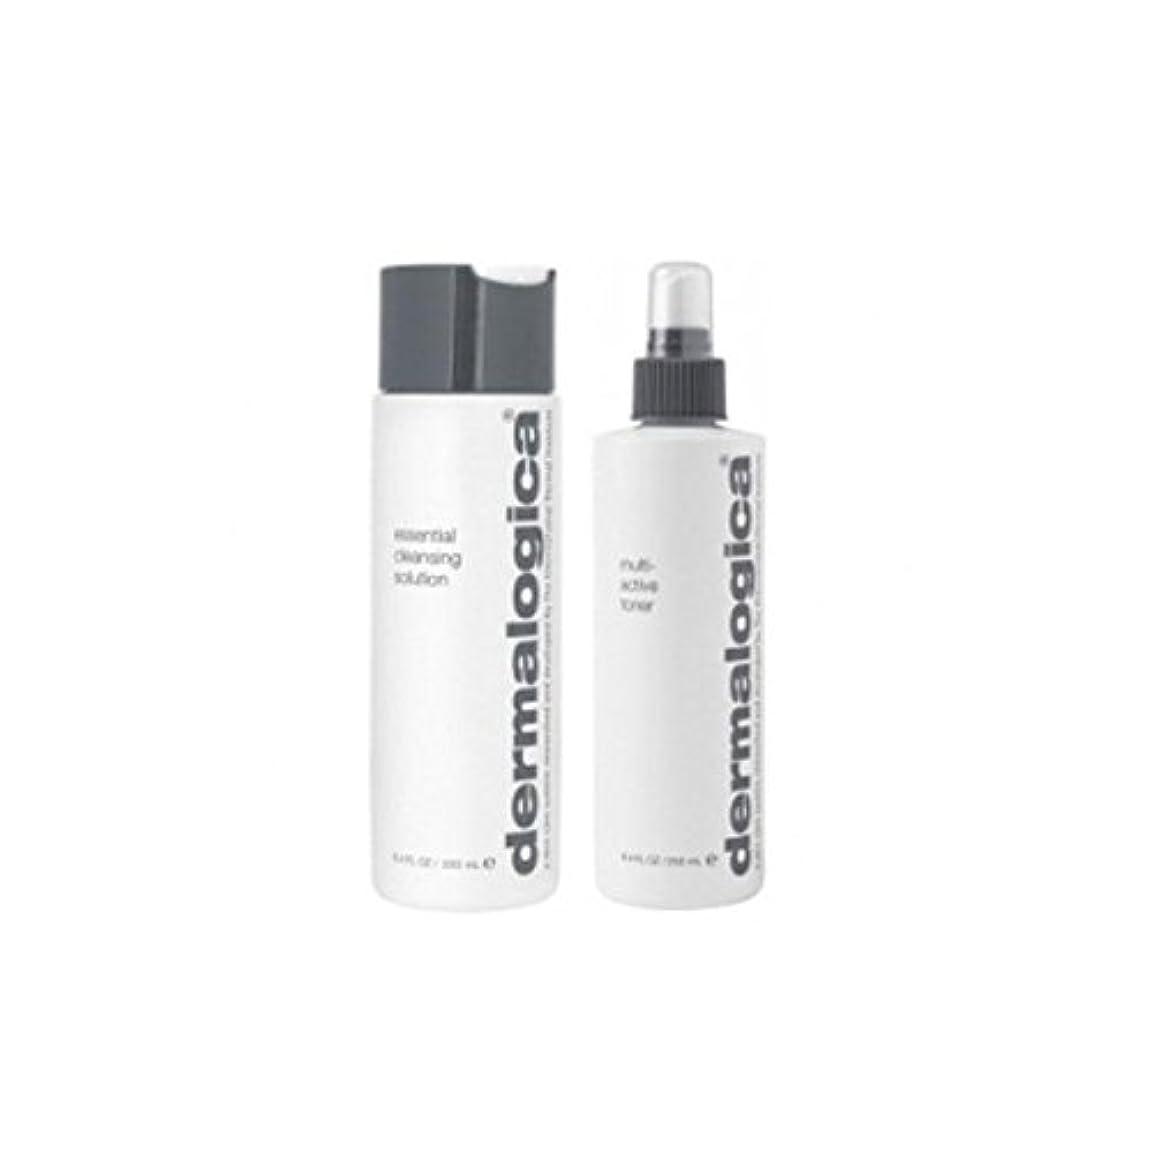 中央マウントバンク殉教者Dermalogica Cleanse & Tone Duo - Dry Skin (Pack of 6) - ダーマロジカクレンジング&トーンデュオ - 乾燥肌 x6 [並行輸入品]